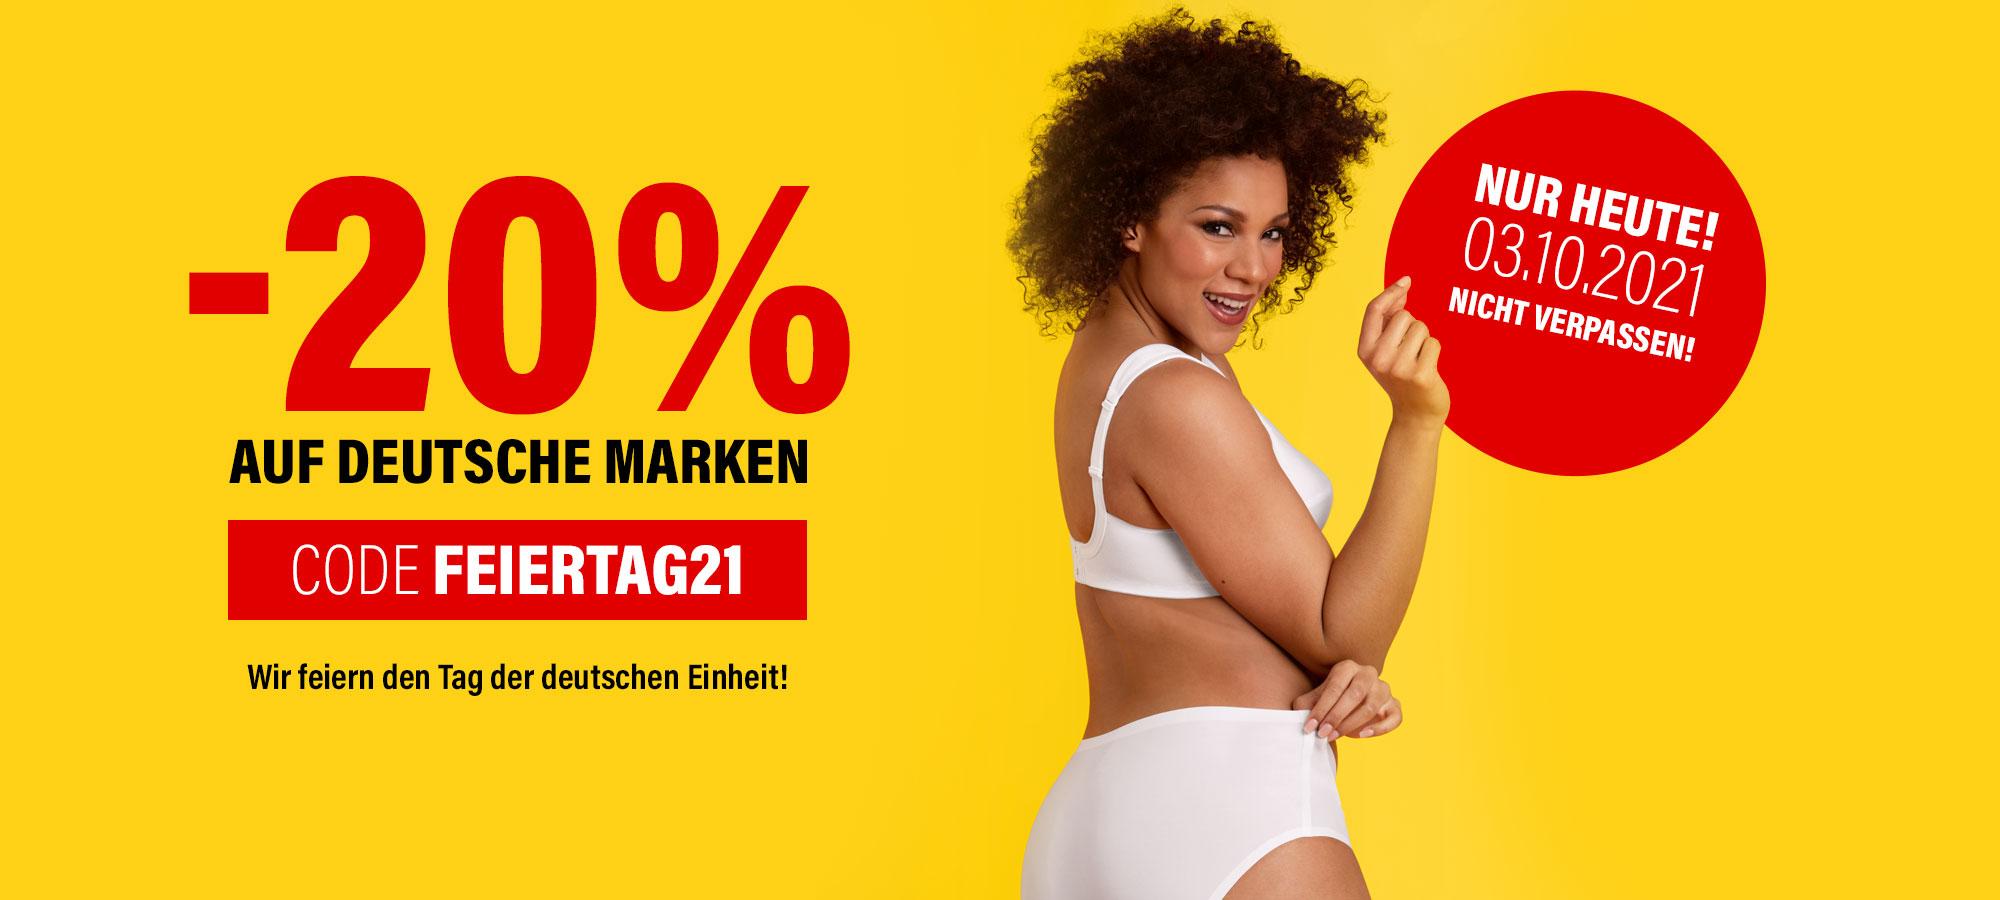 20% auf deutsche Marken